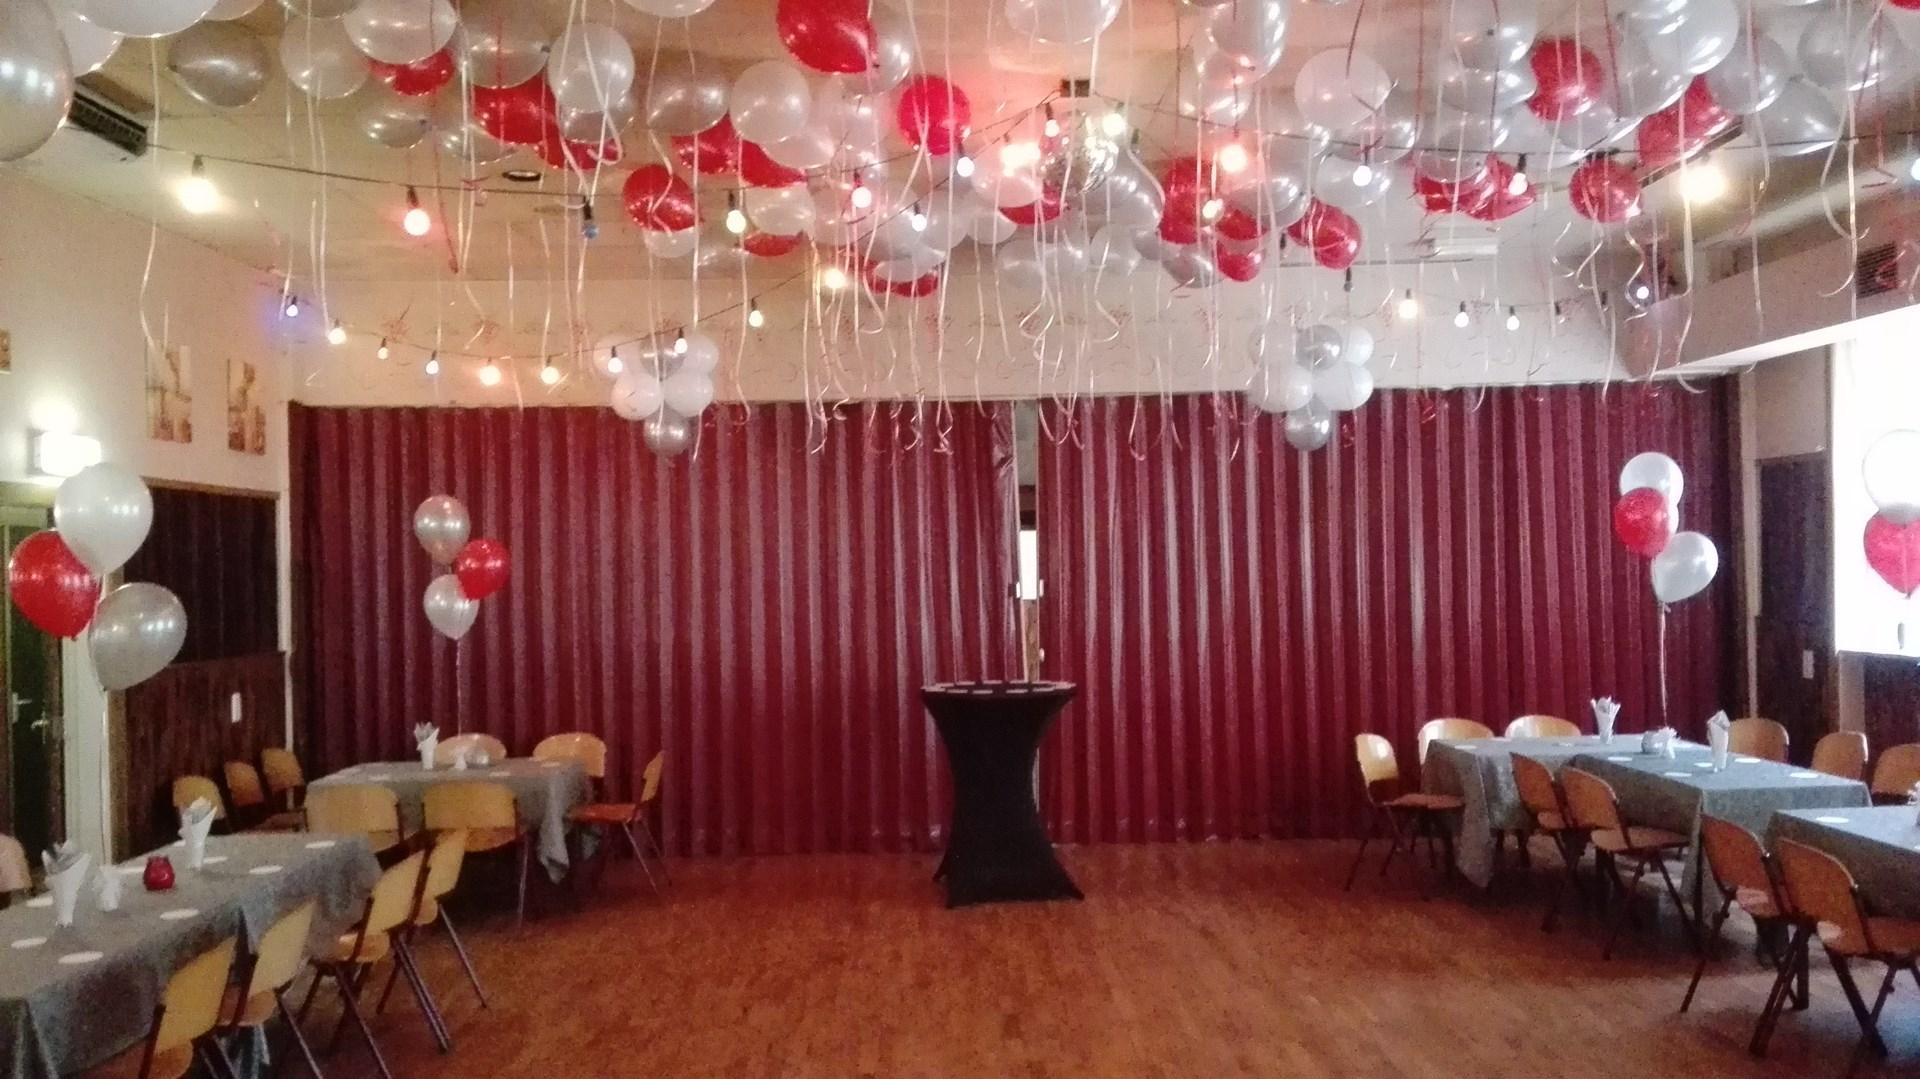 Huwelijk in amsterdam met helium ballonnen decoraties for Ballonnen tafels